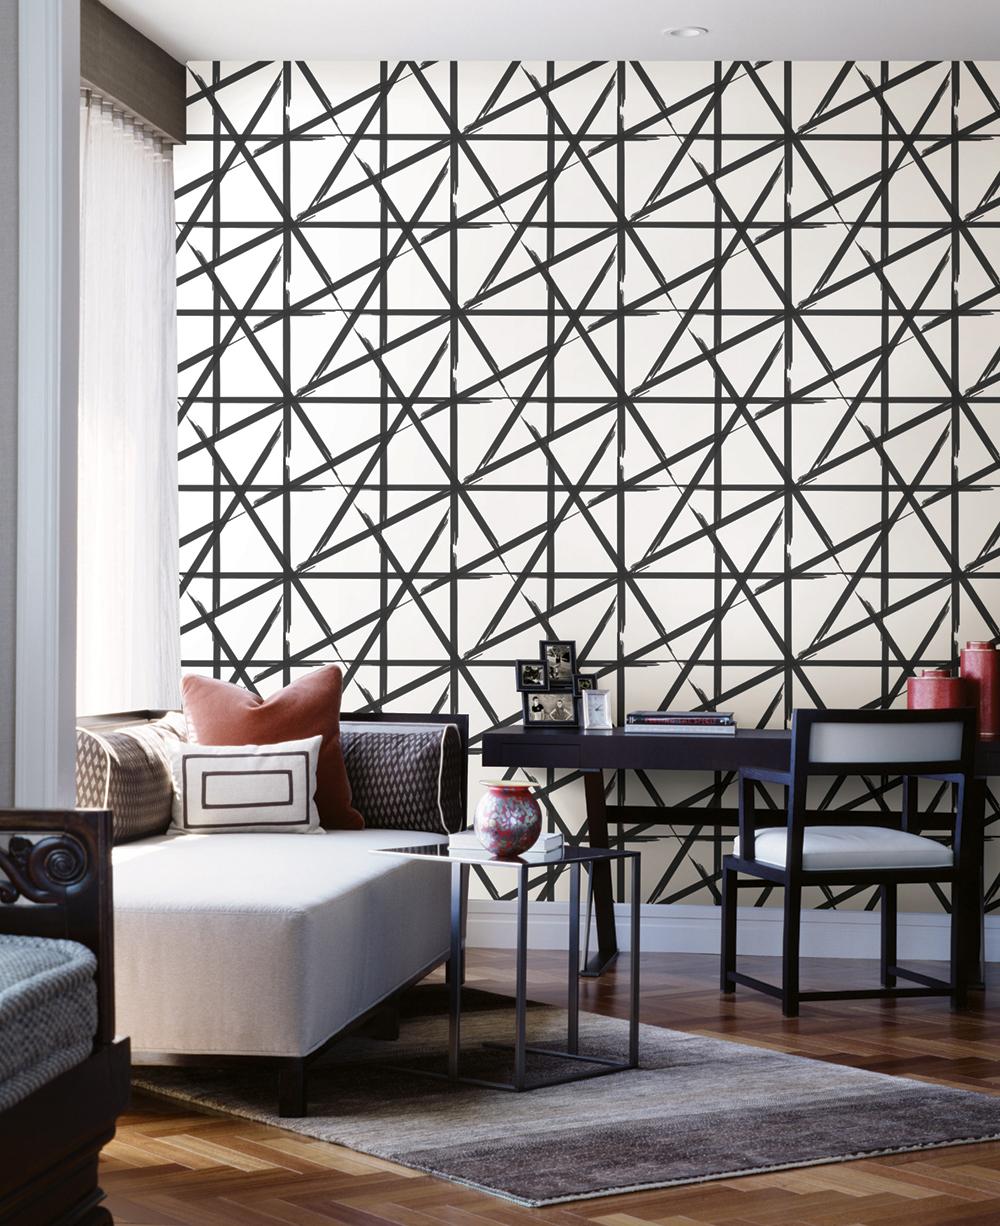 papier peint sejour tendance latest gallery of ides dimages de papier peint tendance salon avec. Black Bedroom Furniture Sets. Home Design Ideas